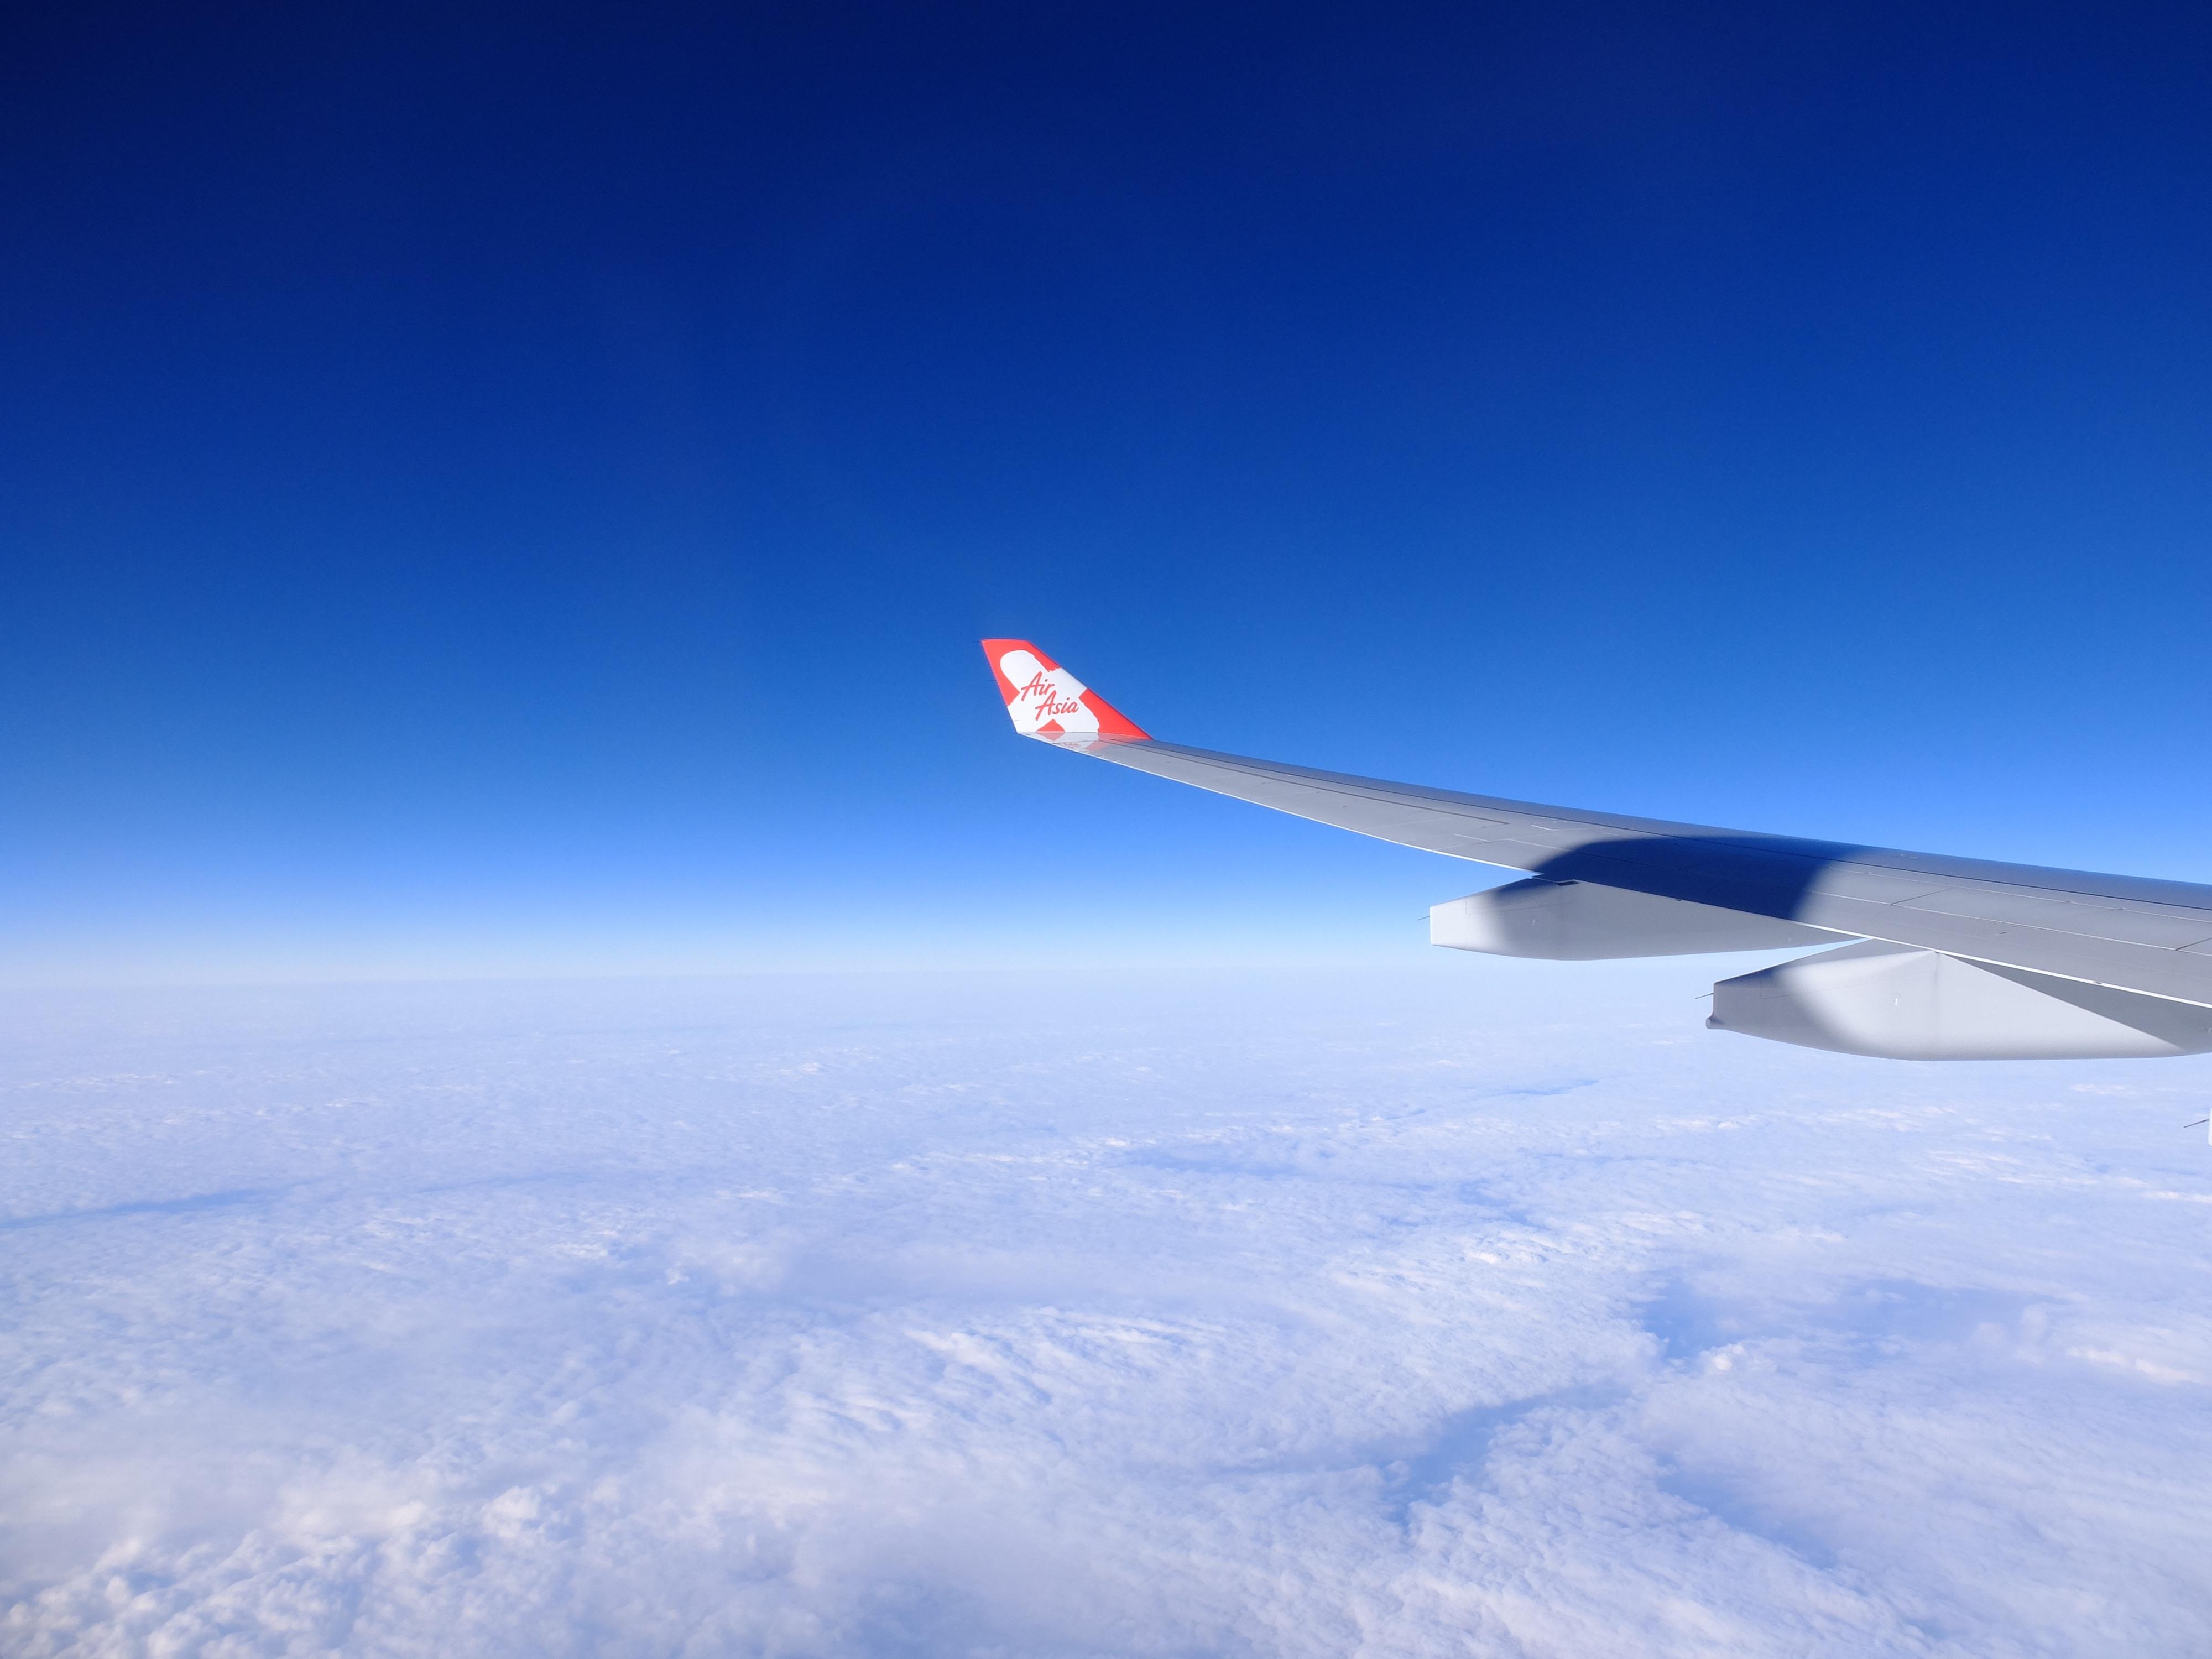 запросу фитнес картинки самолет в небе зимой то, что если